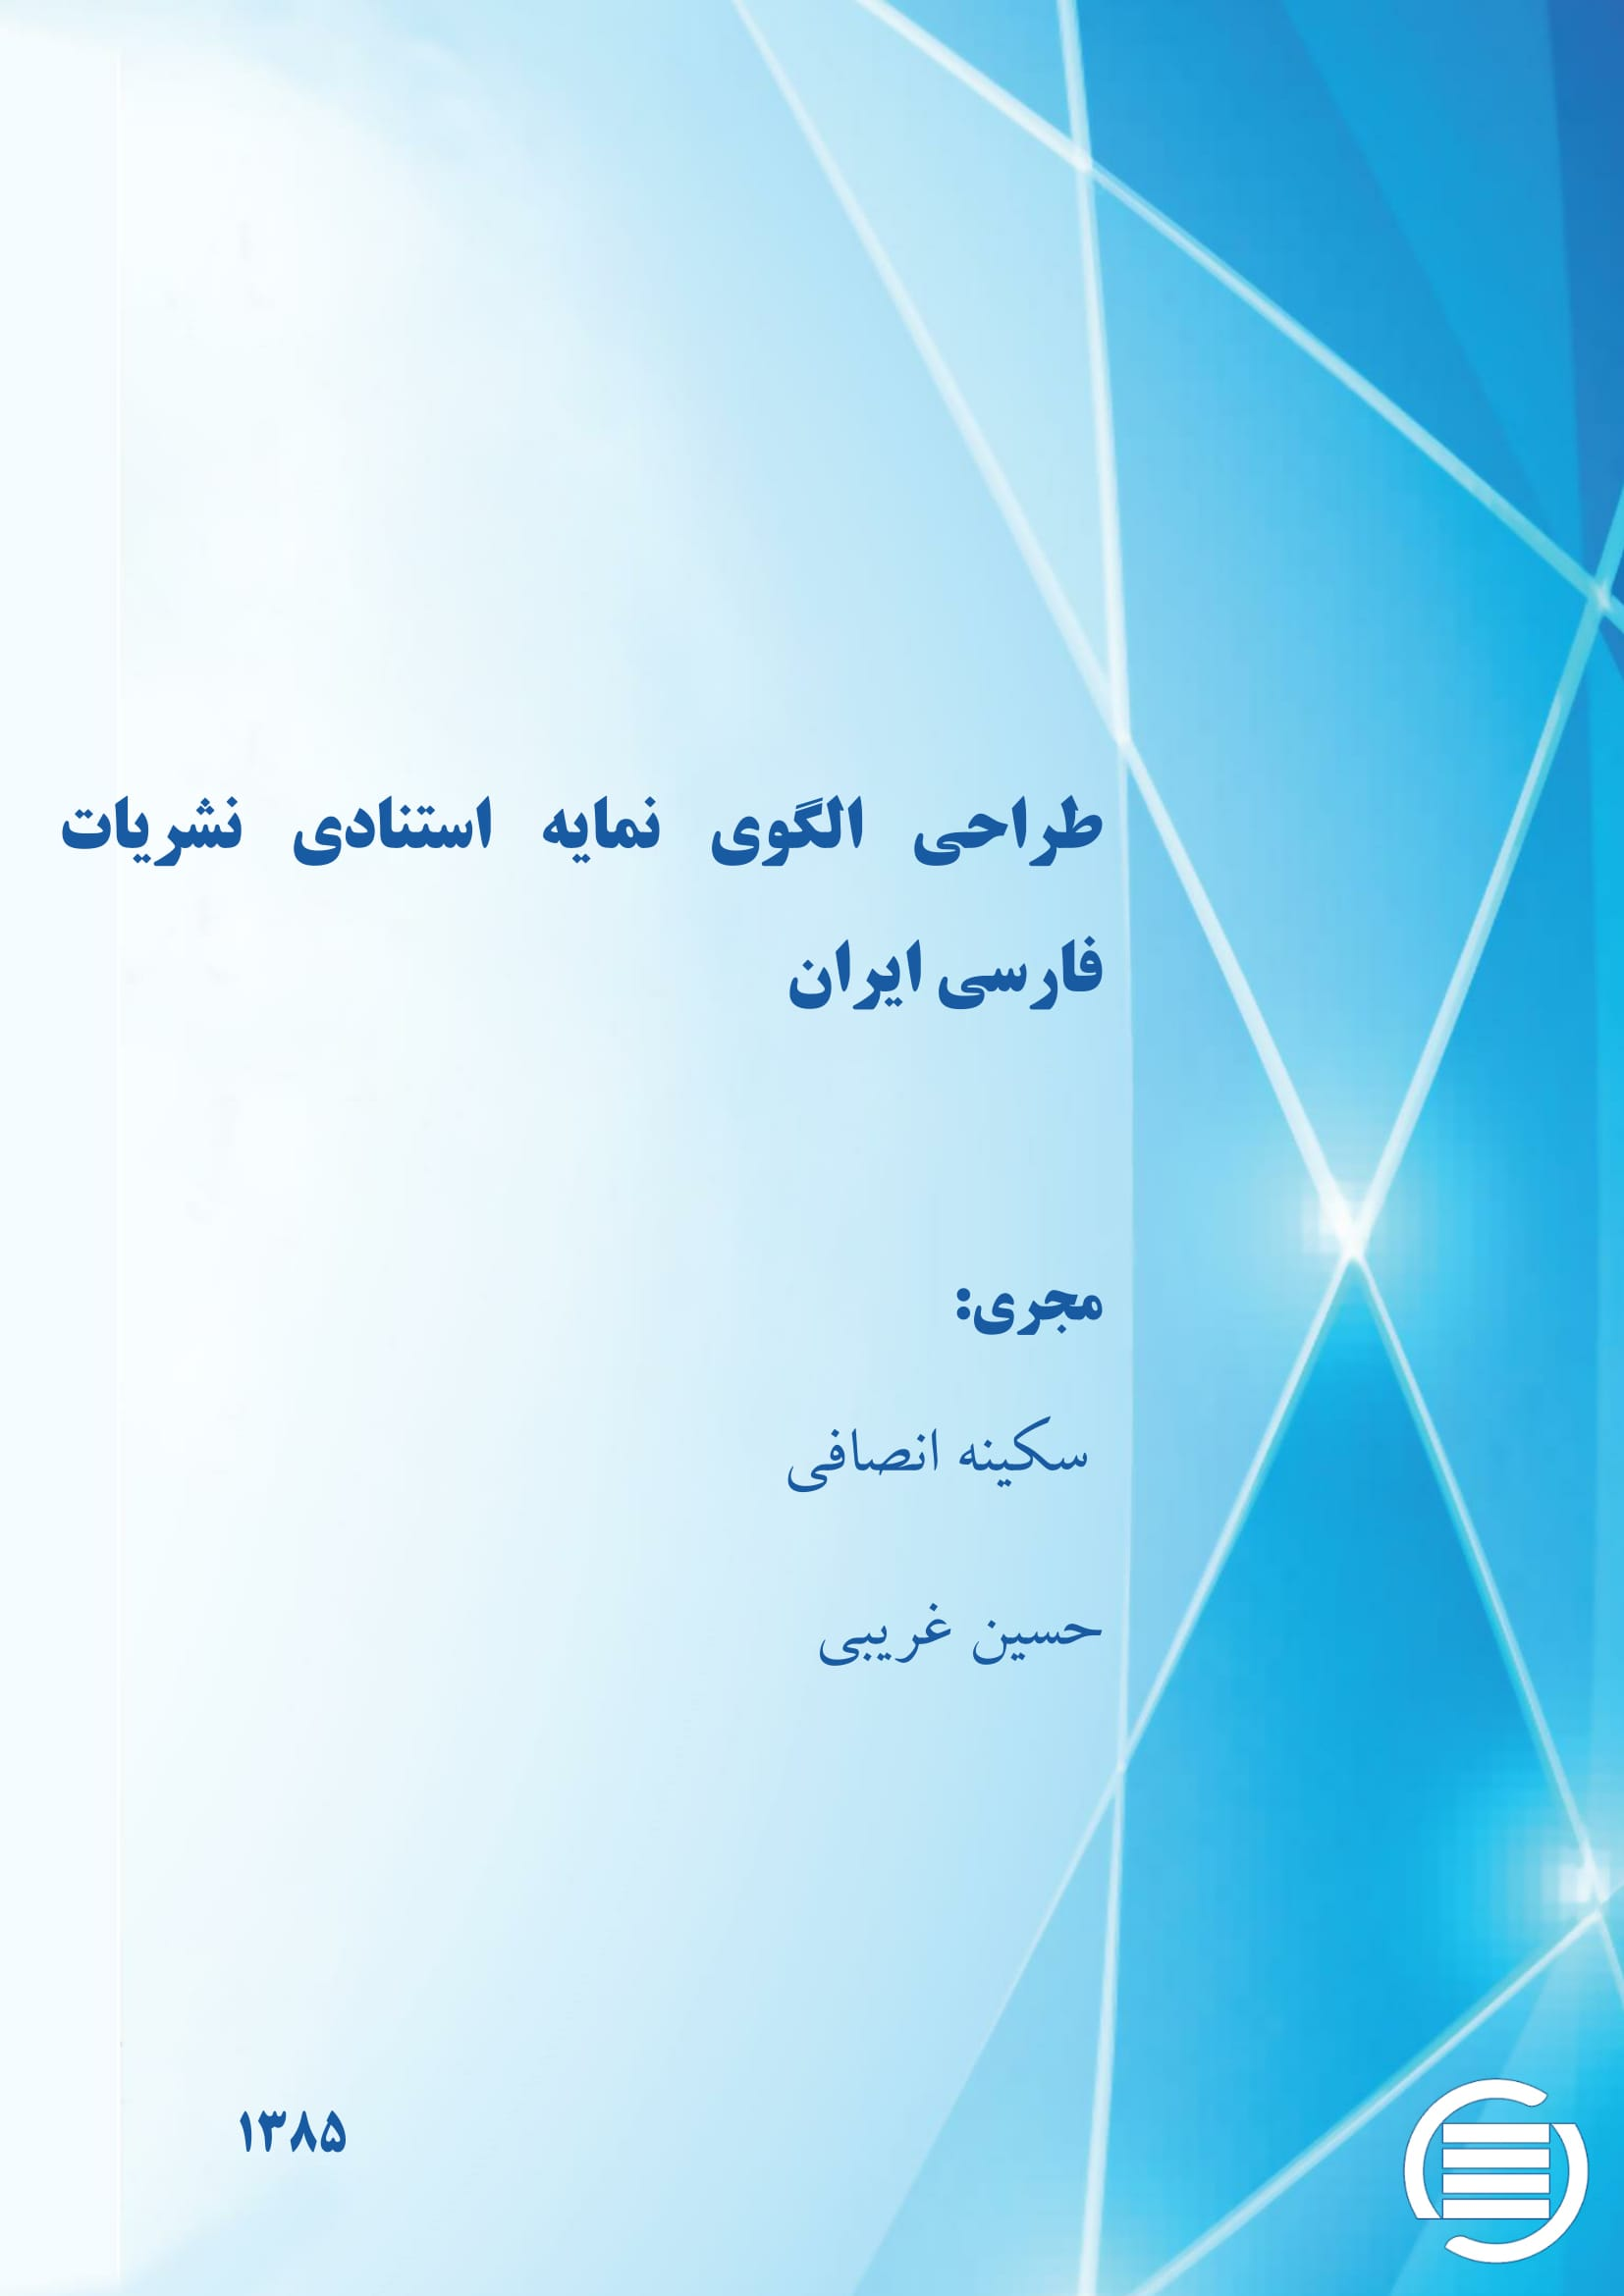 طراحی الگوی نمایه استنادی نشریات فارسی ایران